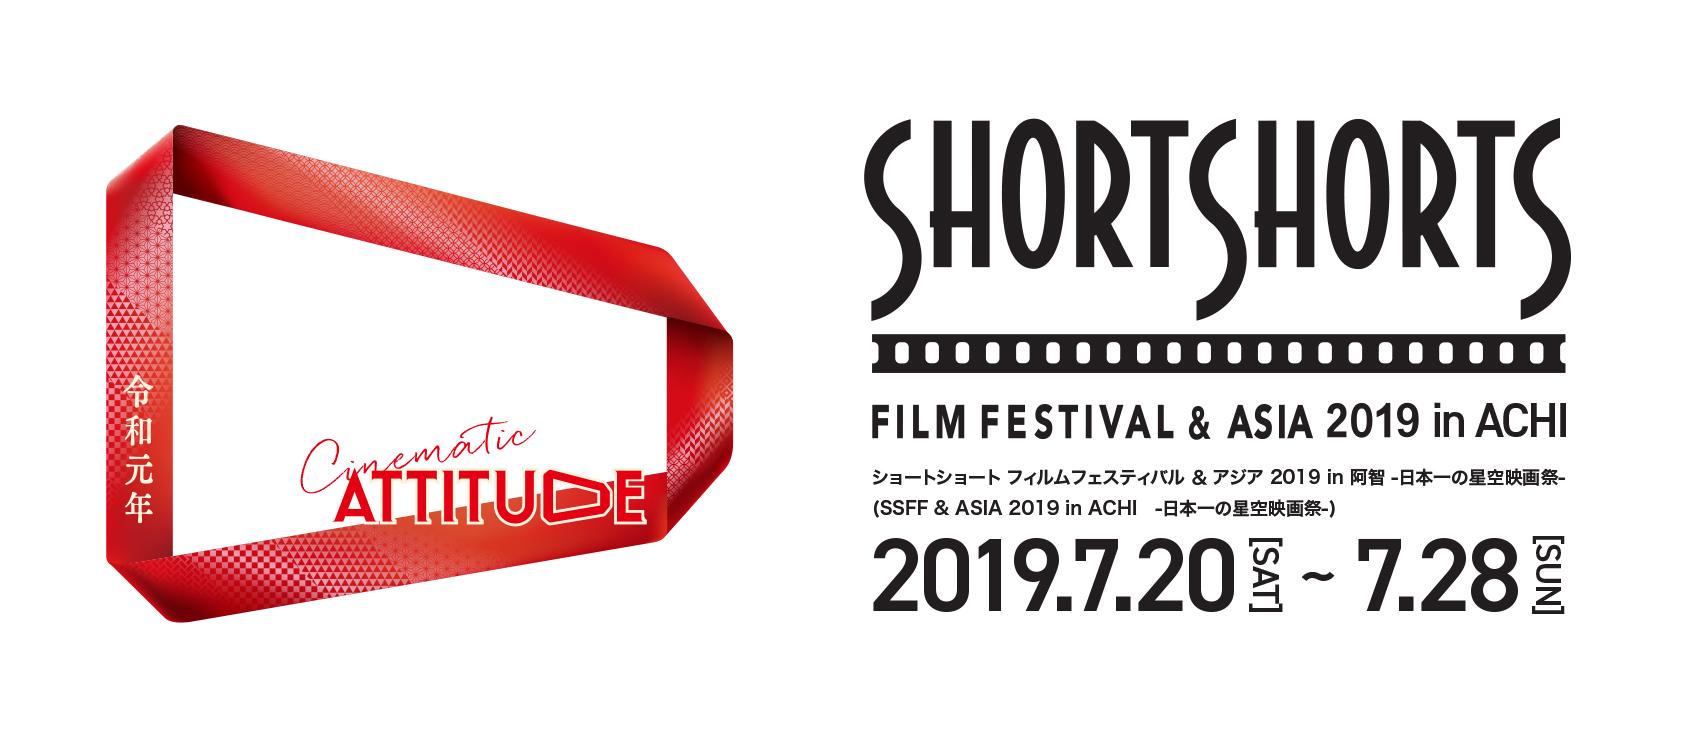 SHORTSHORTSショートショート フィルムフェスティバル & アジア 2019 in 阿智 -日本一の星空映画祭-(SSFF & ASIA 2019 in ACHI -日本一の星空映画祭-)2019.7.20-7.28in ACHI